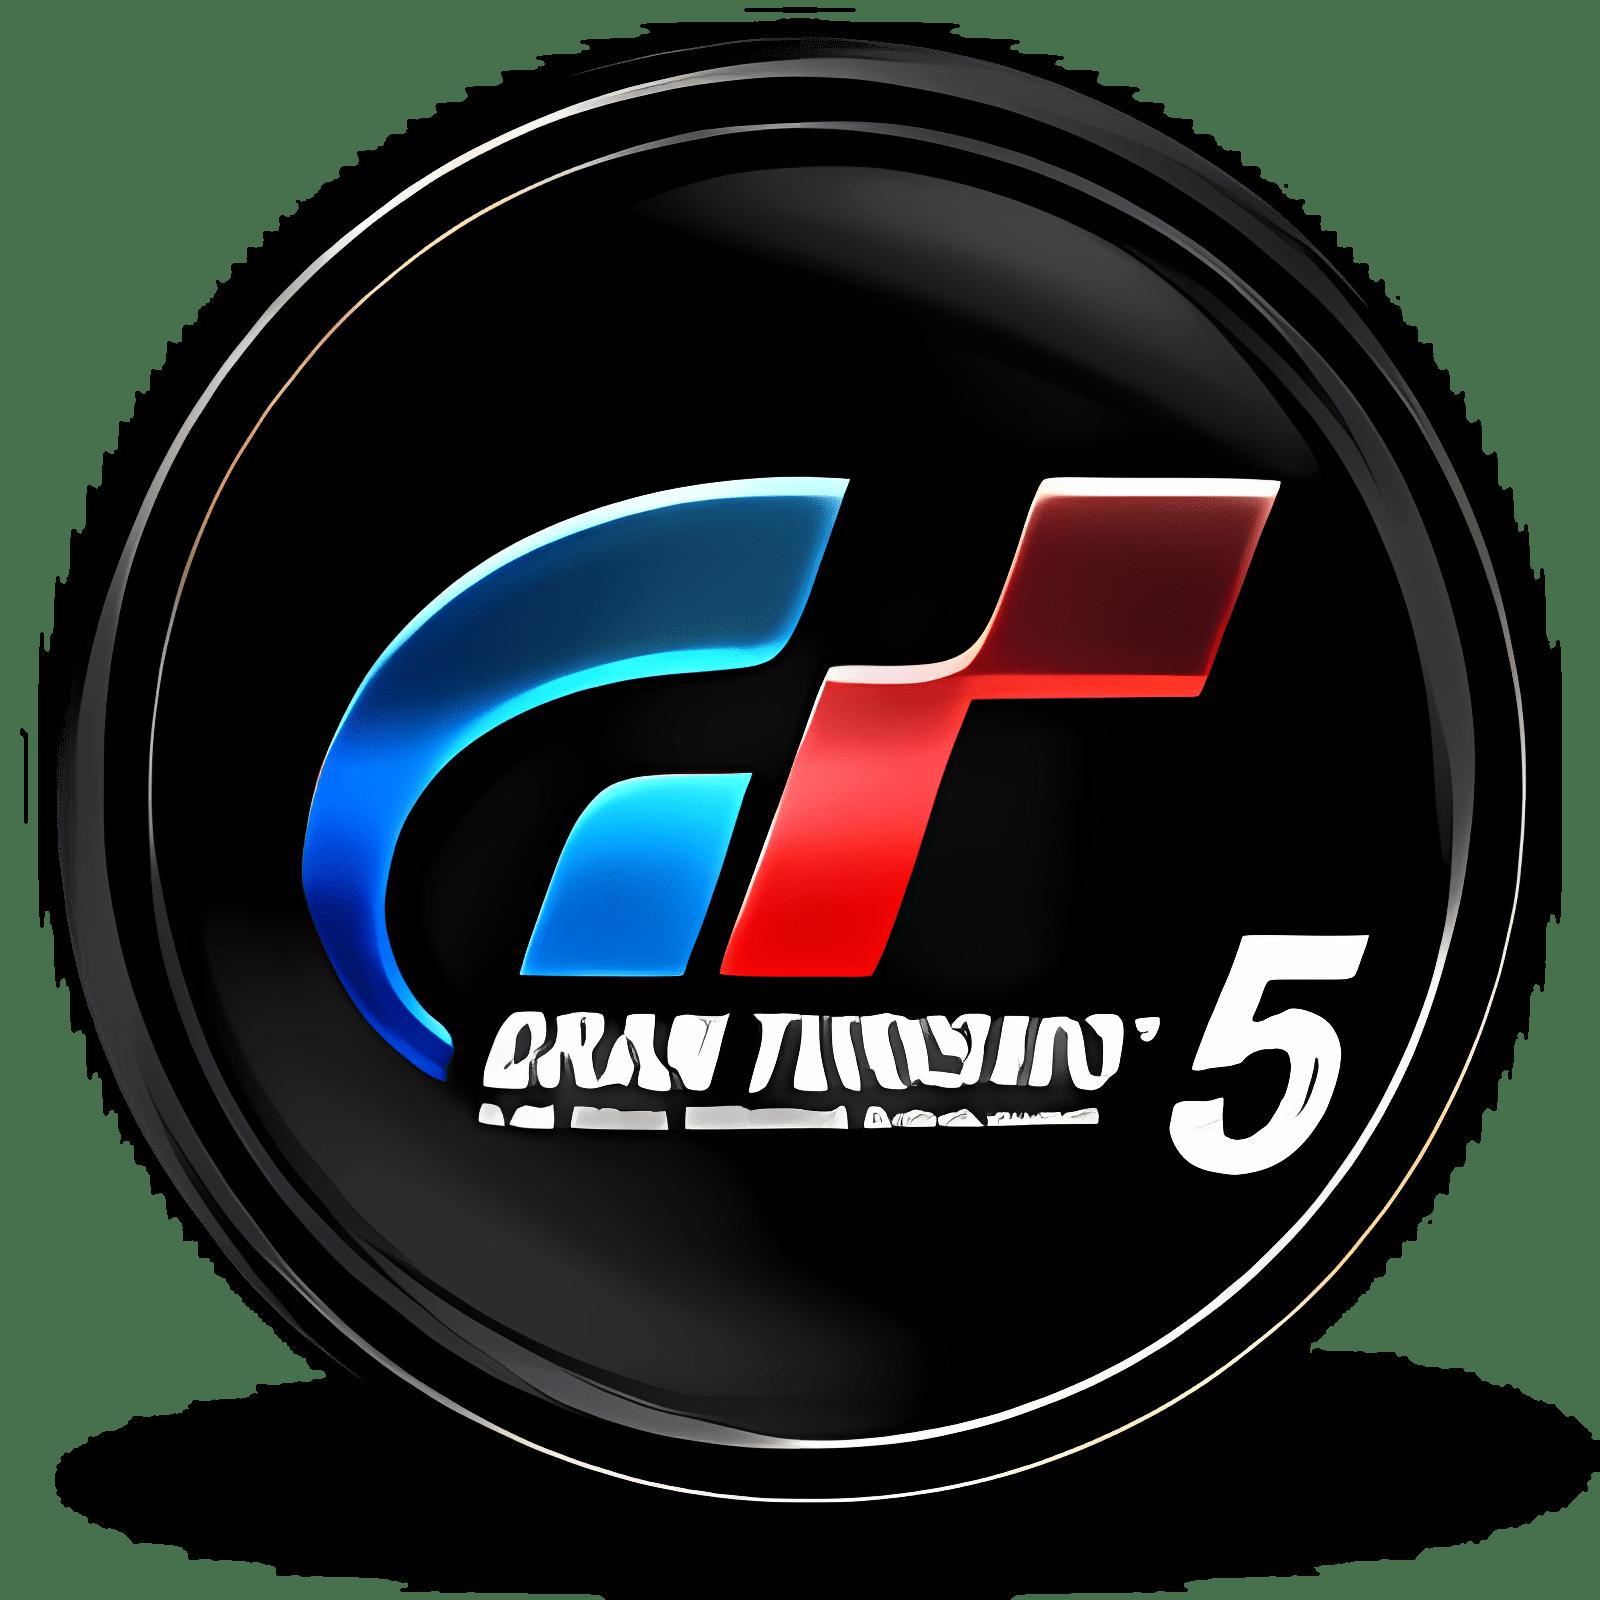 Gran Turismo 5 Wallpaper